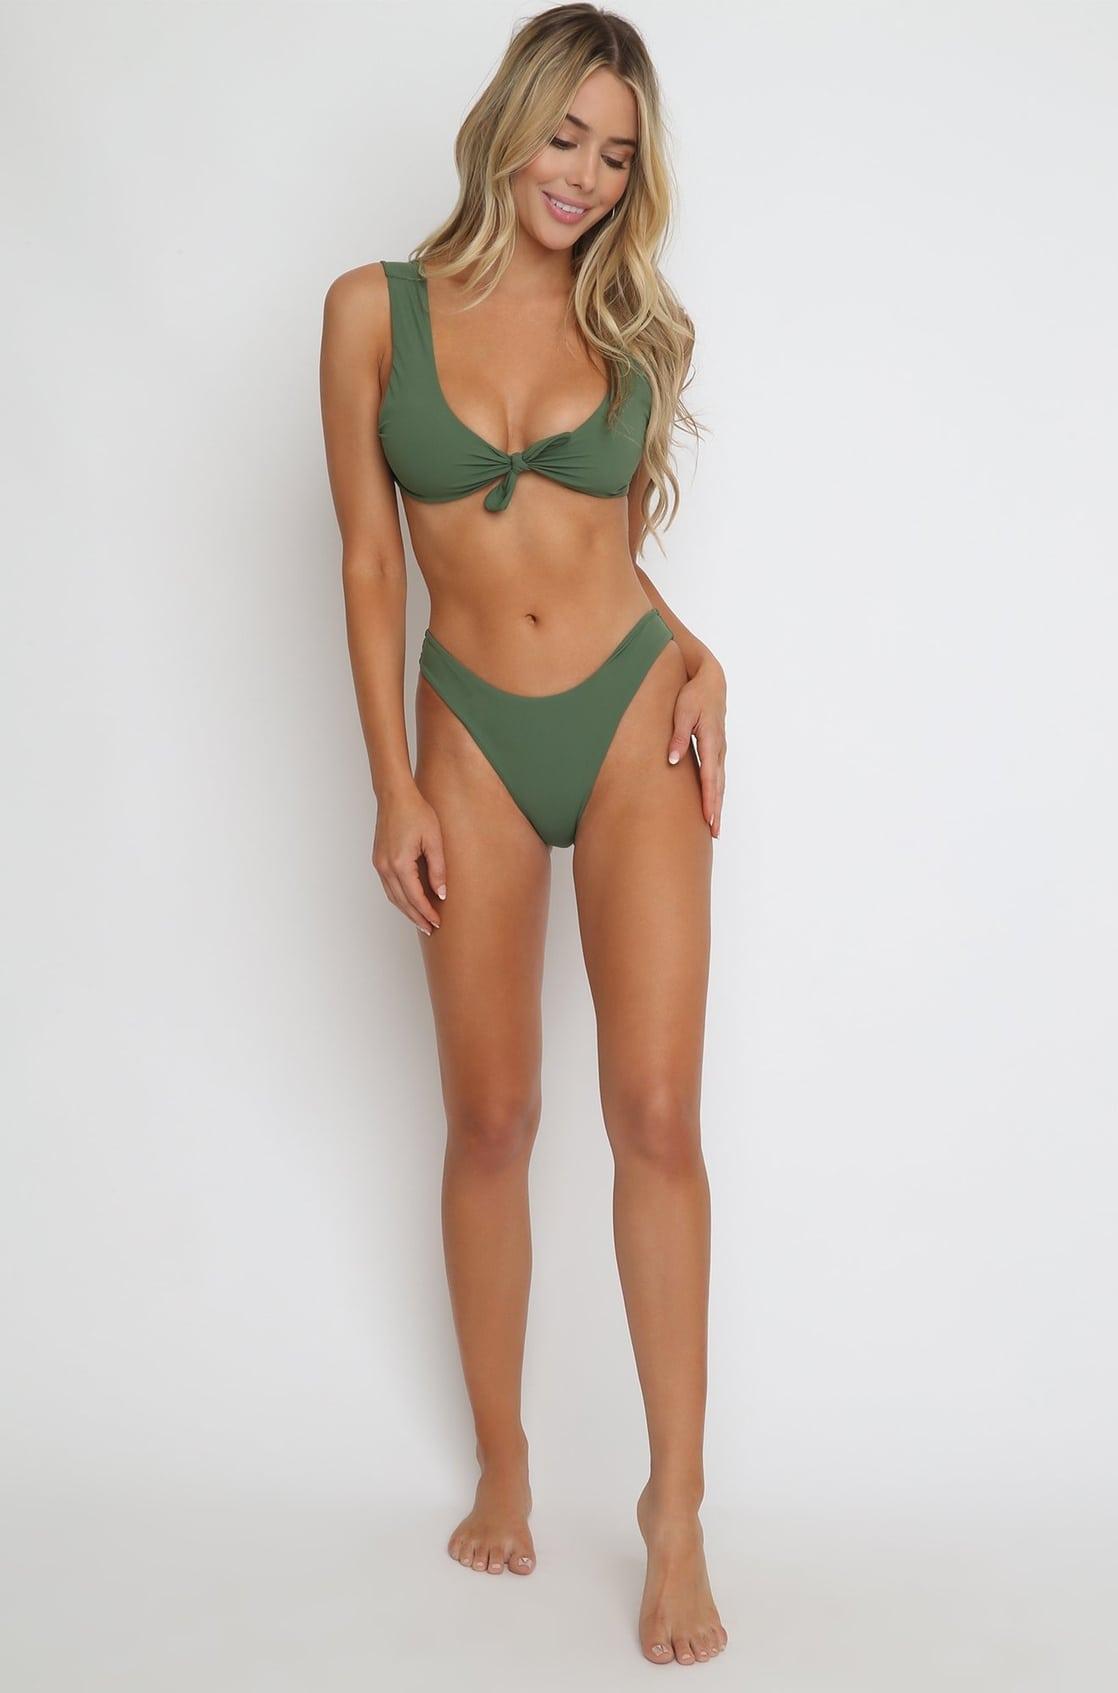 Legs Celeste Bright naked (58 images) Ass, Instagram, in bikini